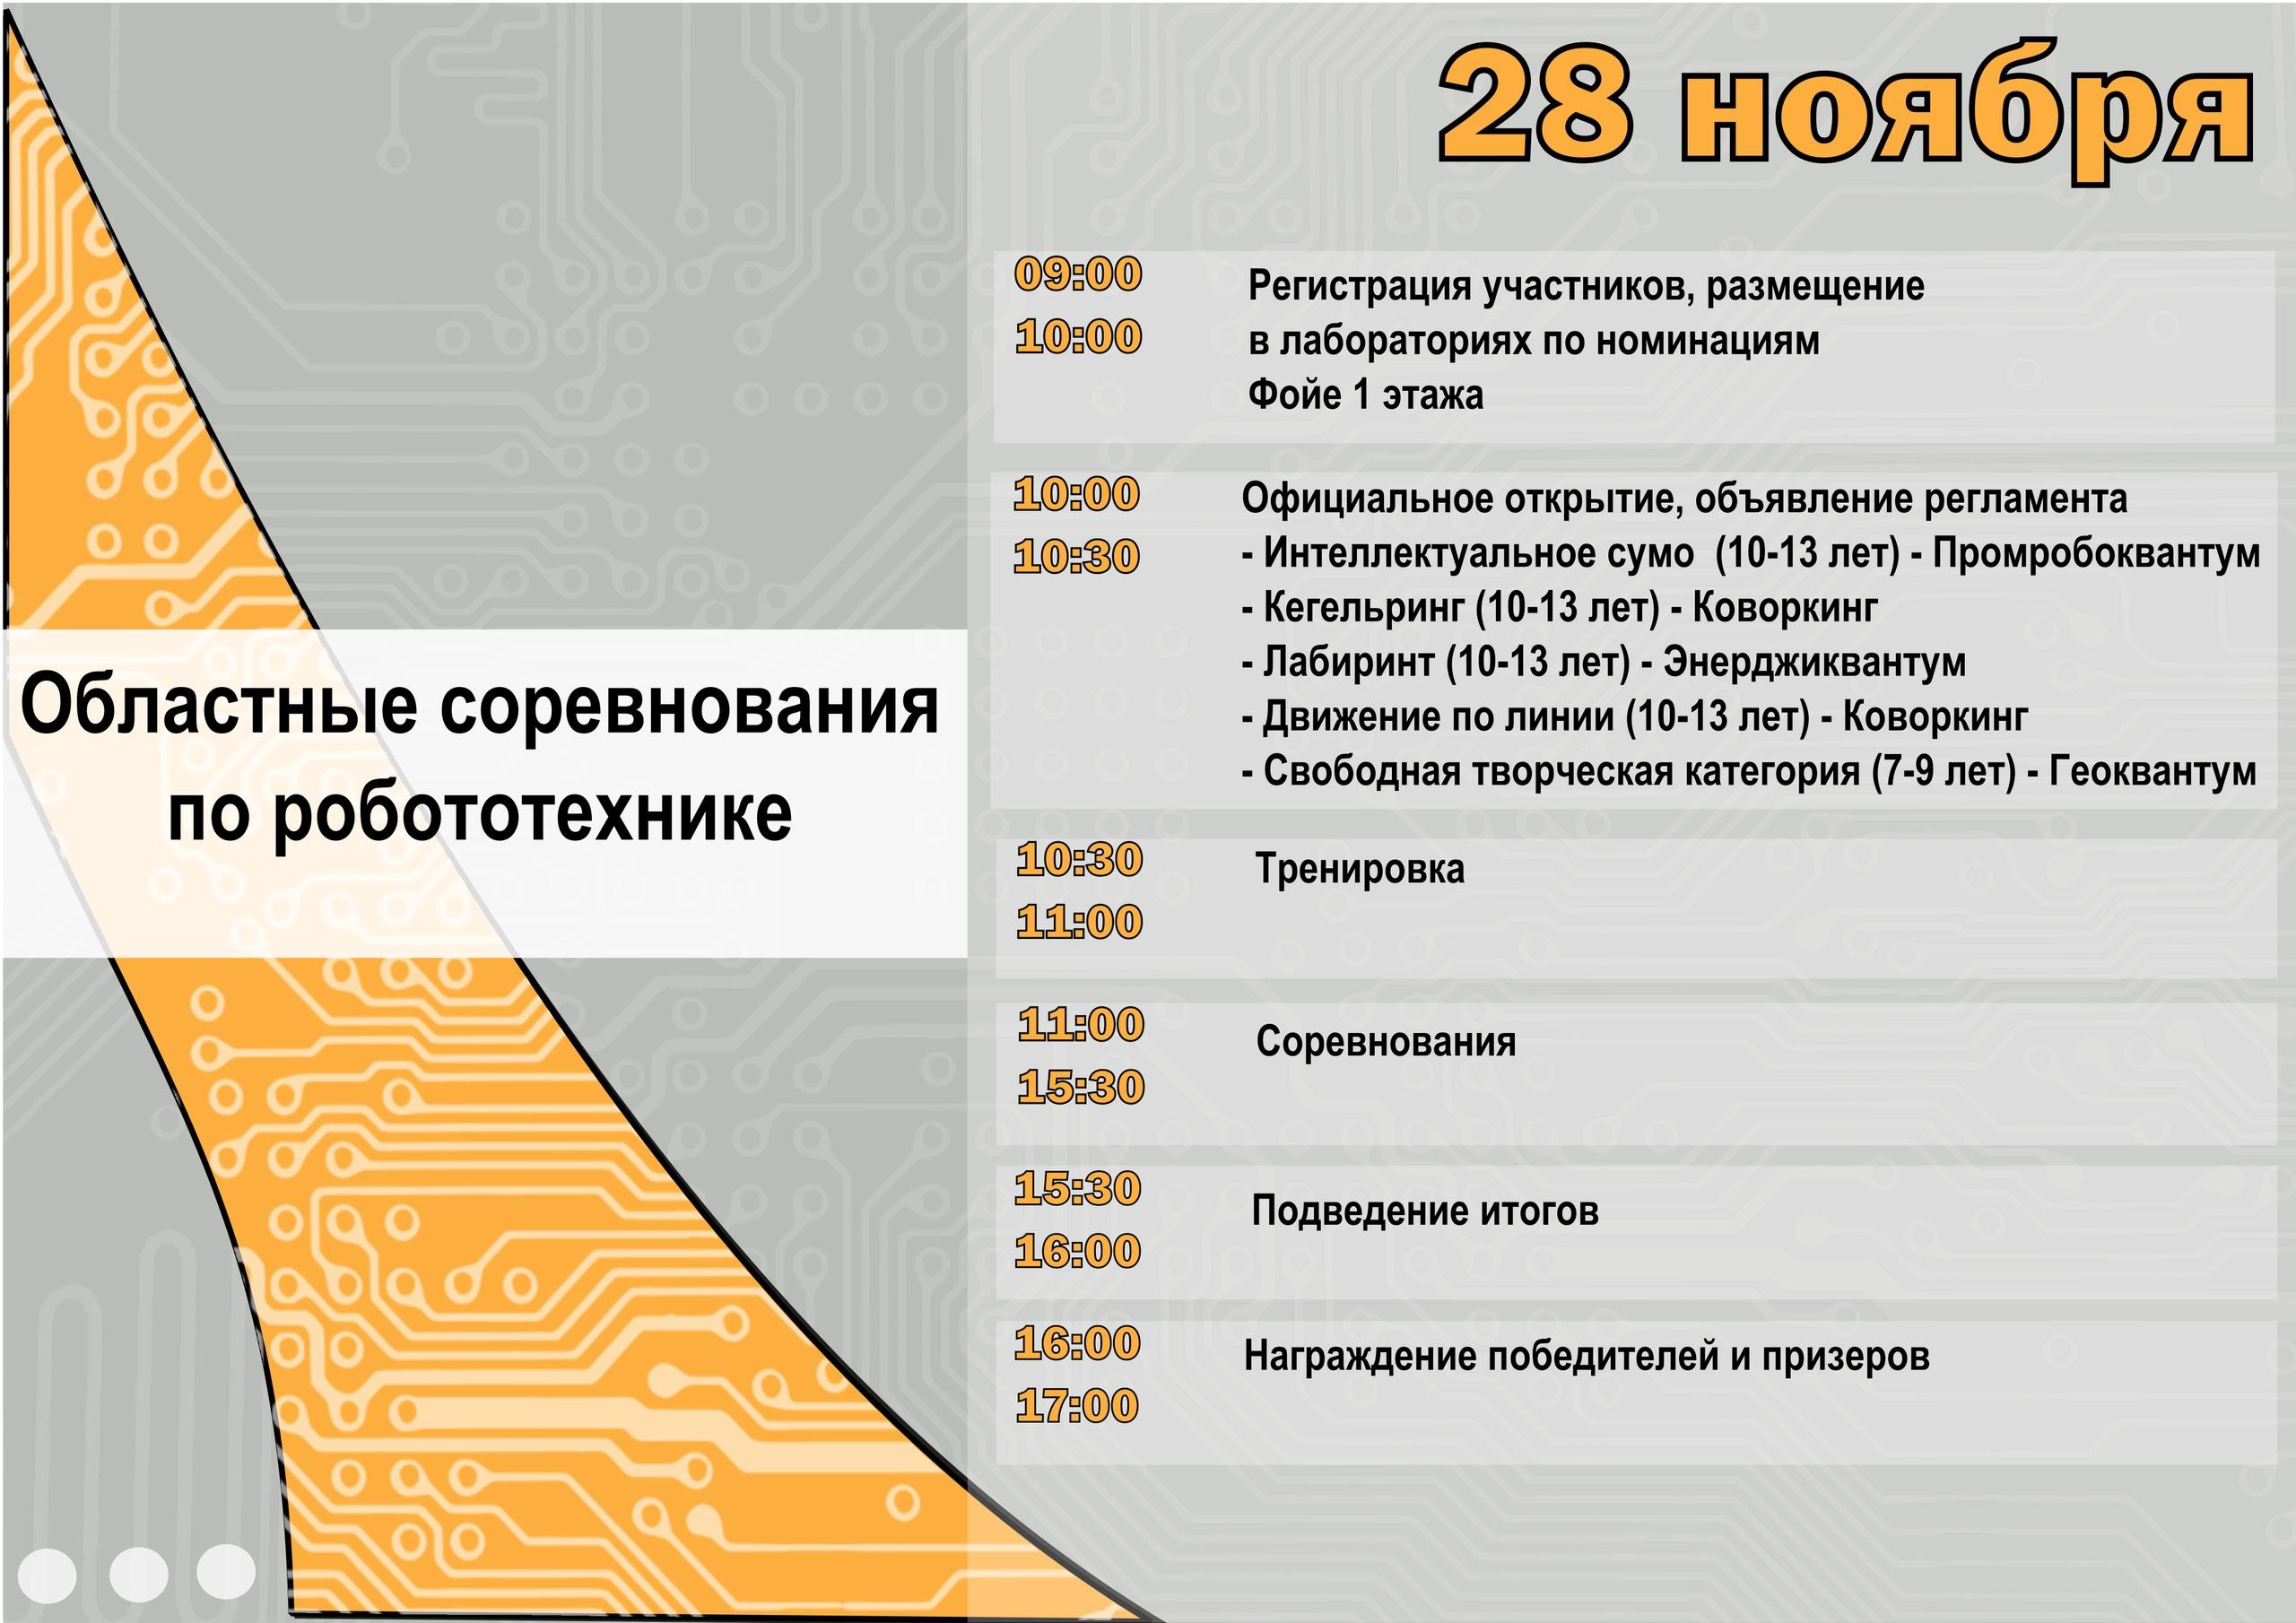 Программа областных соревнований по робототехнике